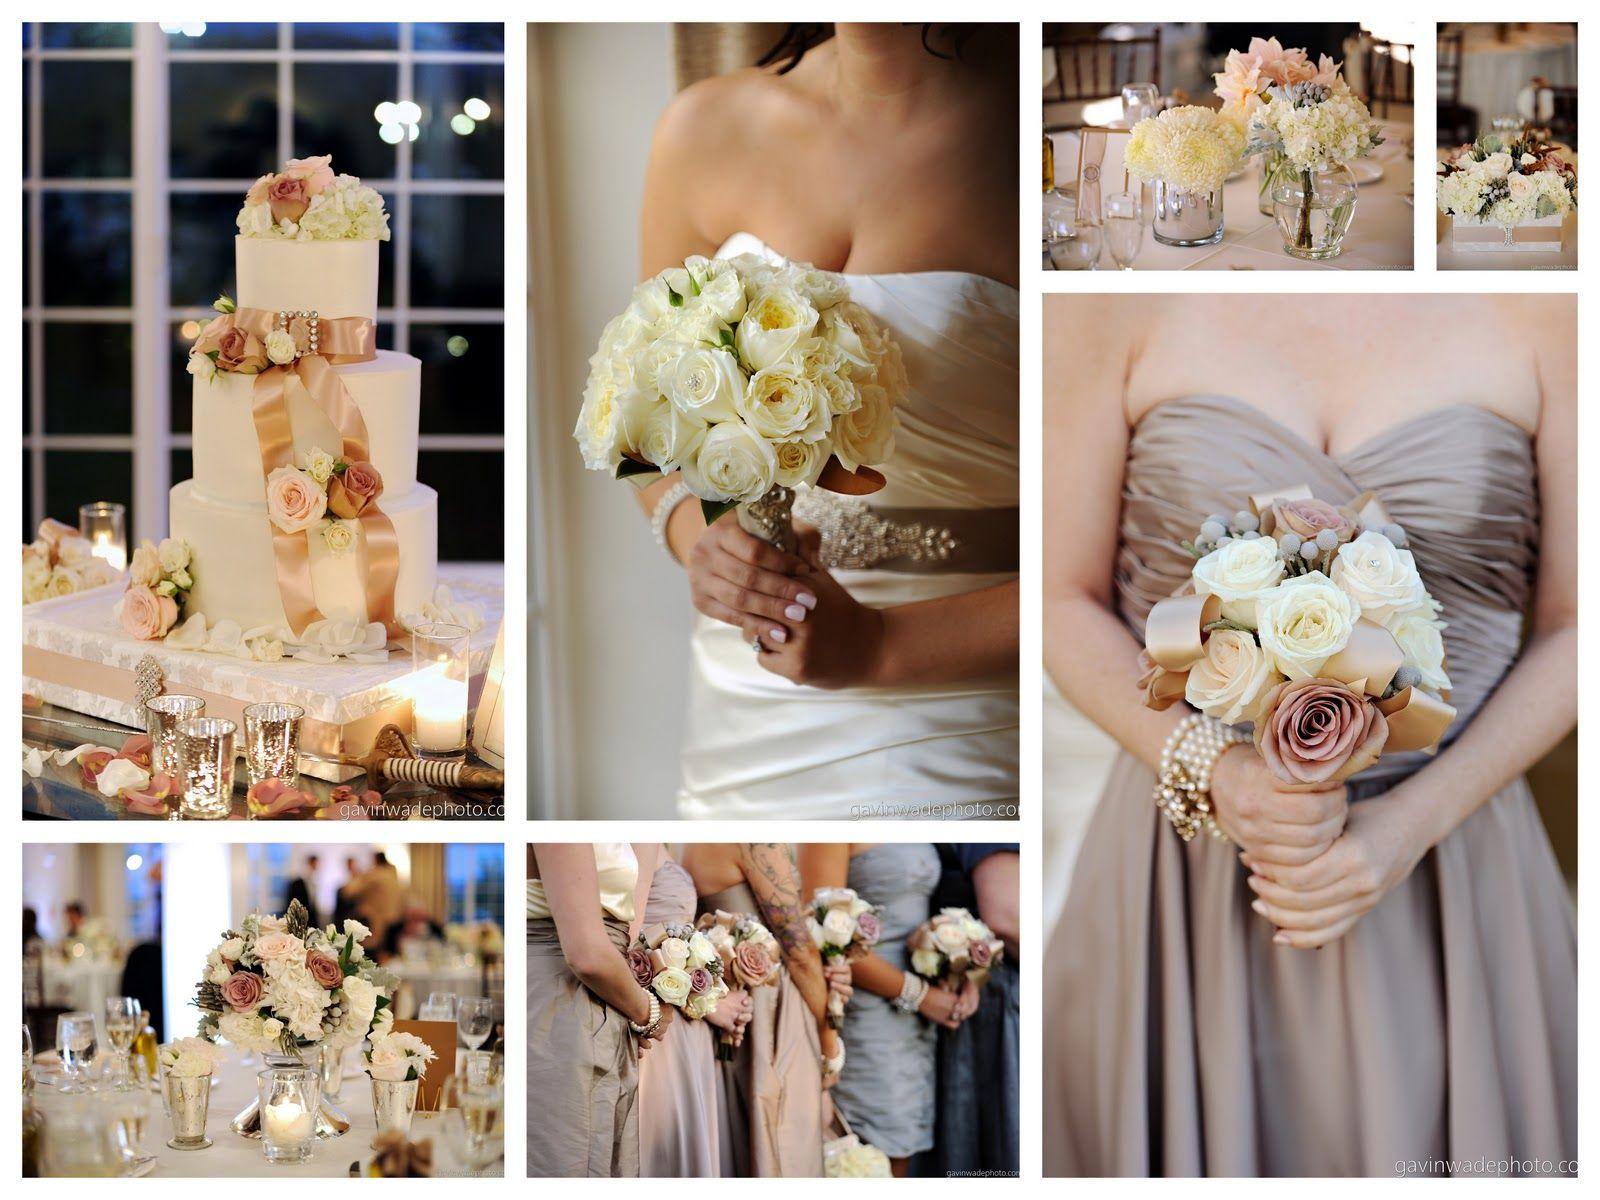 Wedding color schemes for june - Vintage Inspired June Wedding Colors Romantic Wedding Color Schemes Colors Axsoris Com